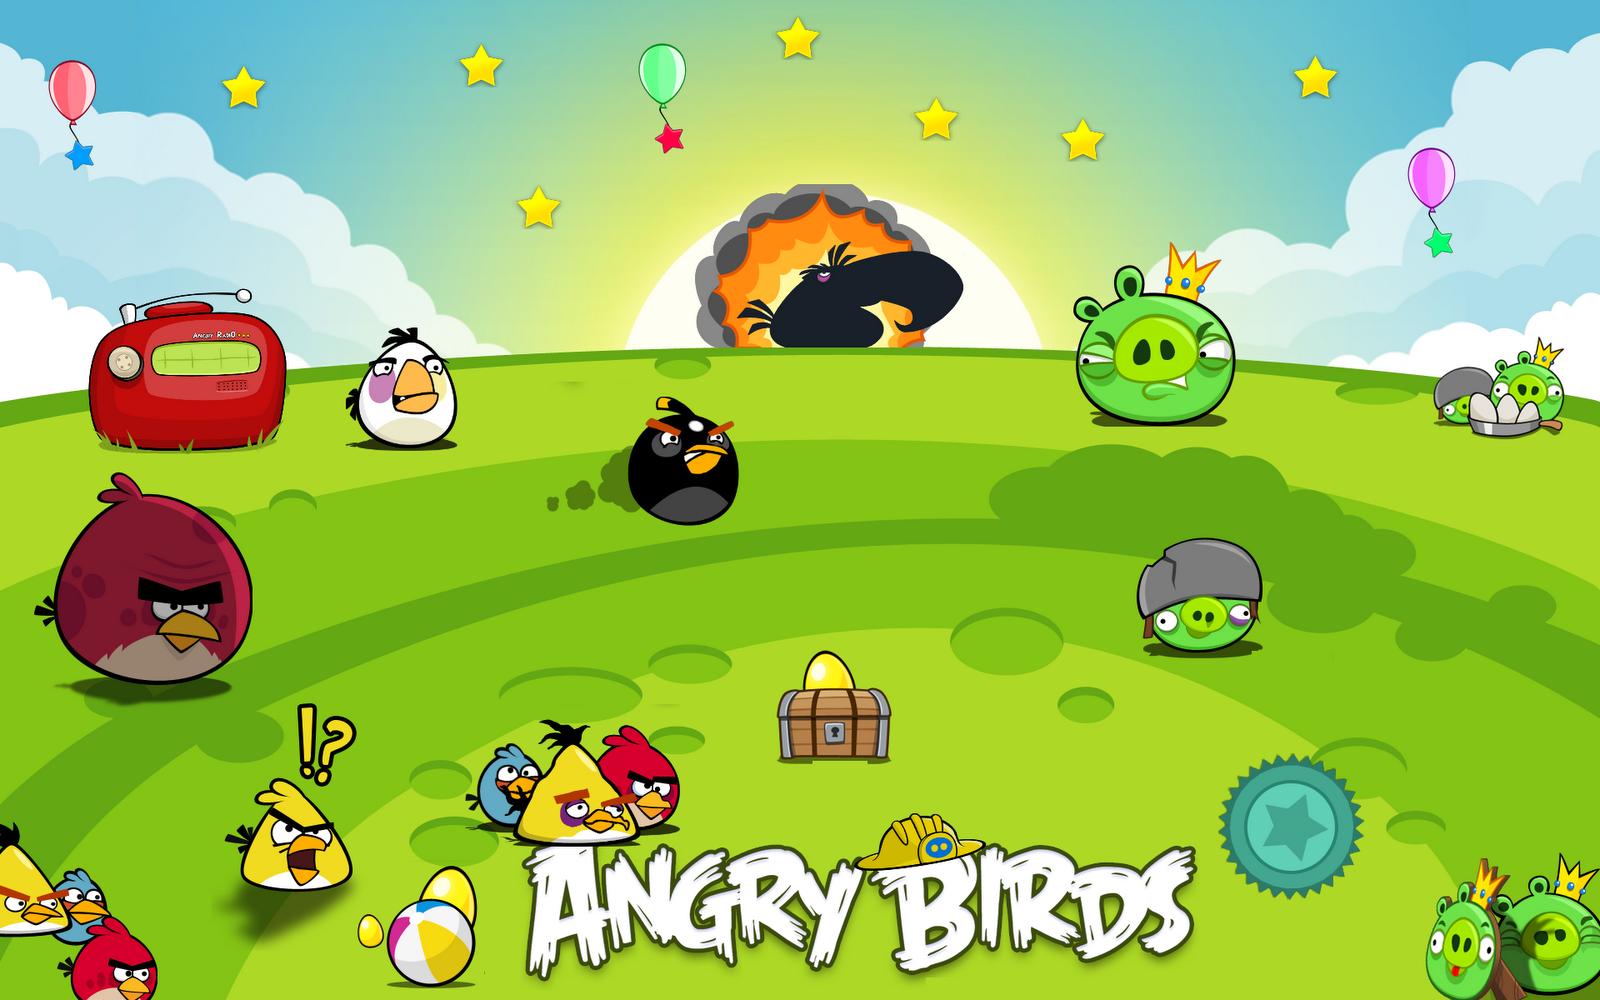 http://2.bp.blogspot.com/-9vzc6-8x_d8/T44kqz16-UI/AAAAAAAAI94/BdqGpz6pXJc/s1600/angry_birds_wallpaper_by_vistafreddy-d39wj2z.png